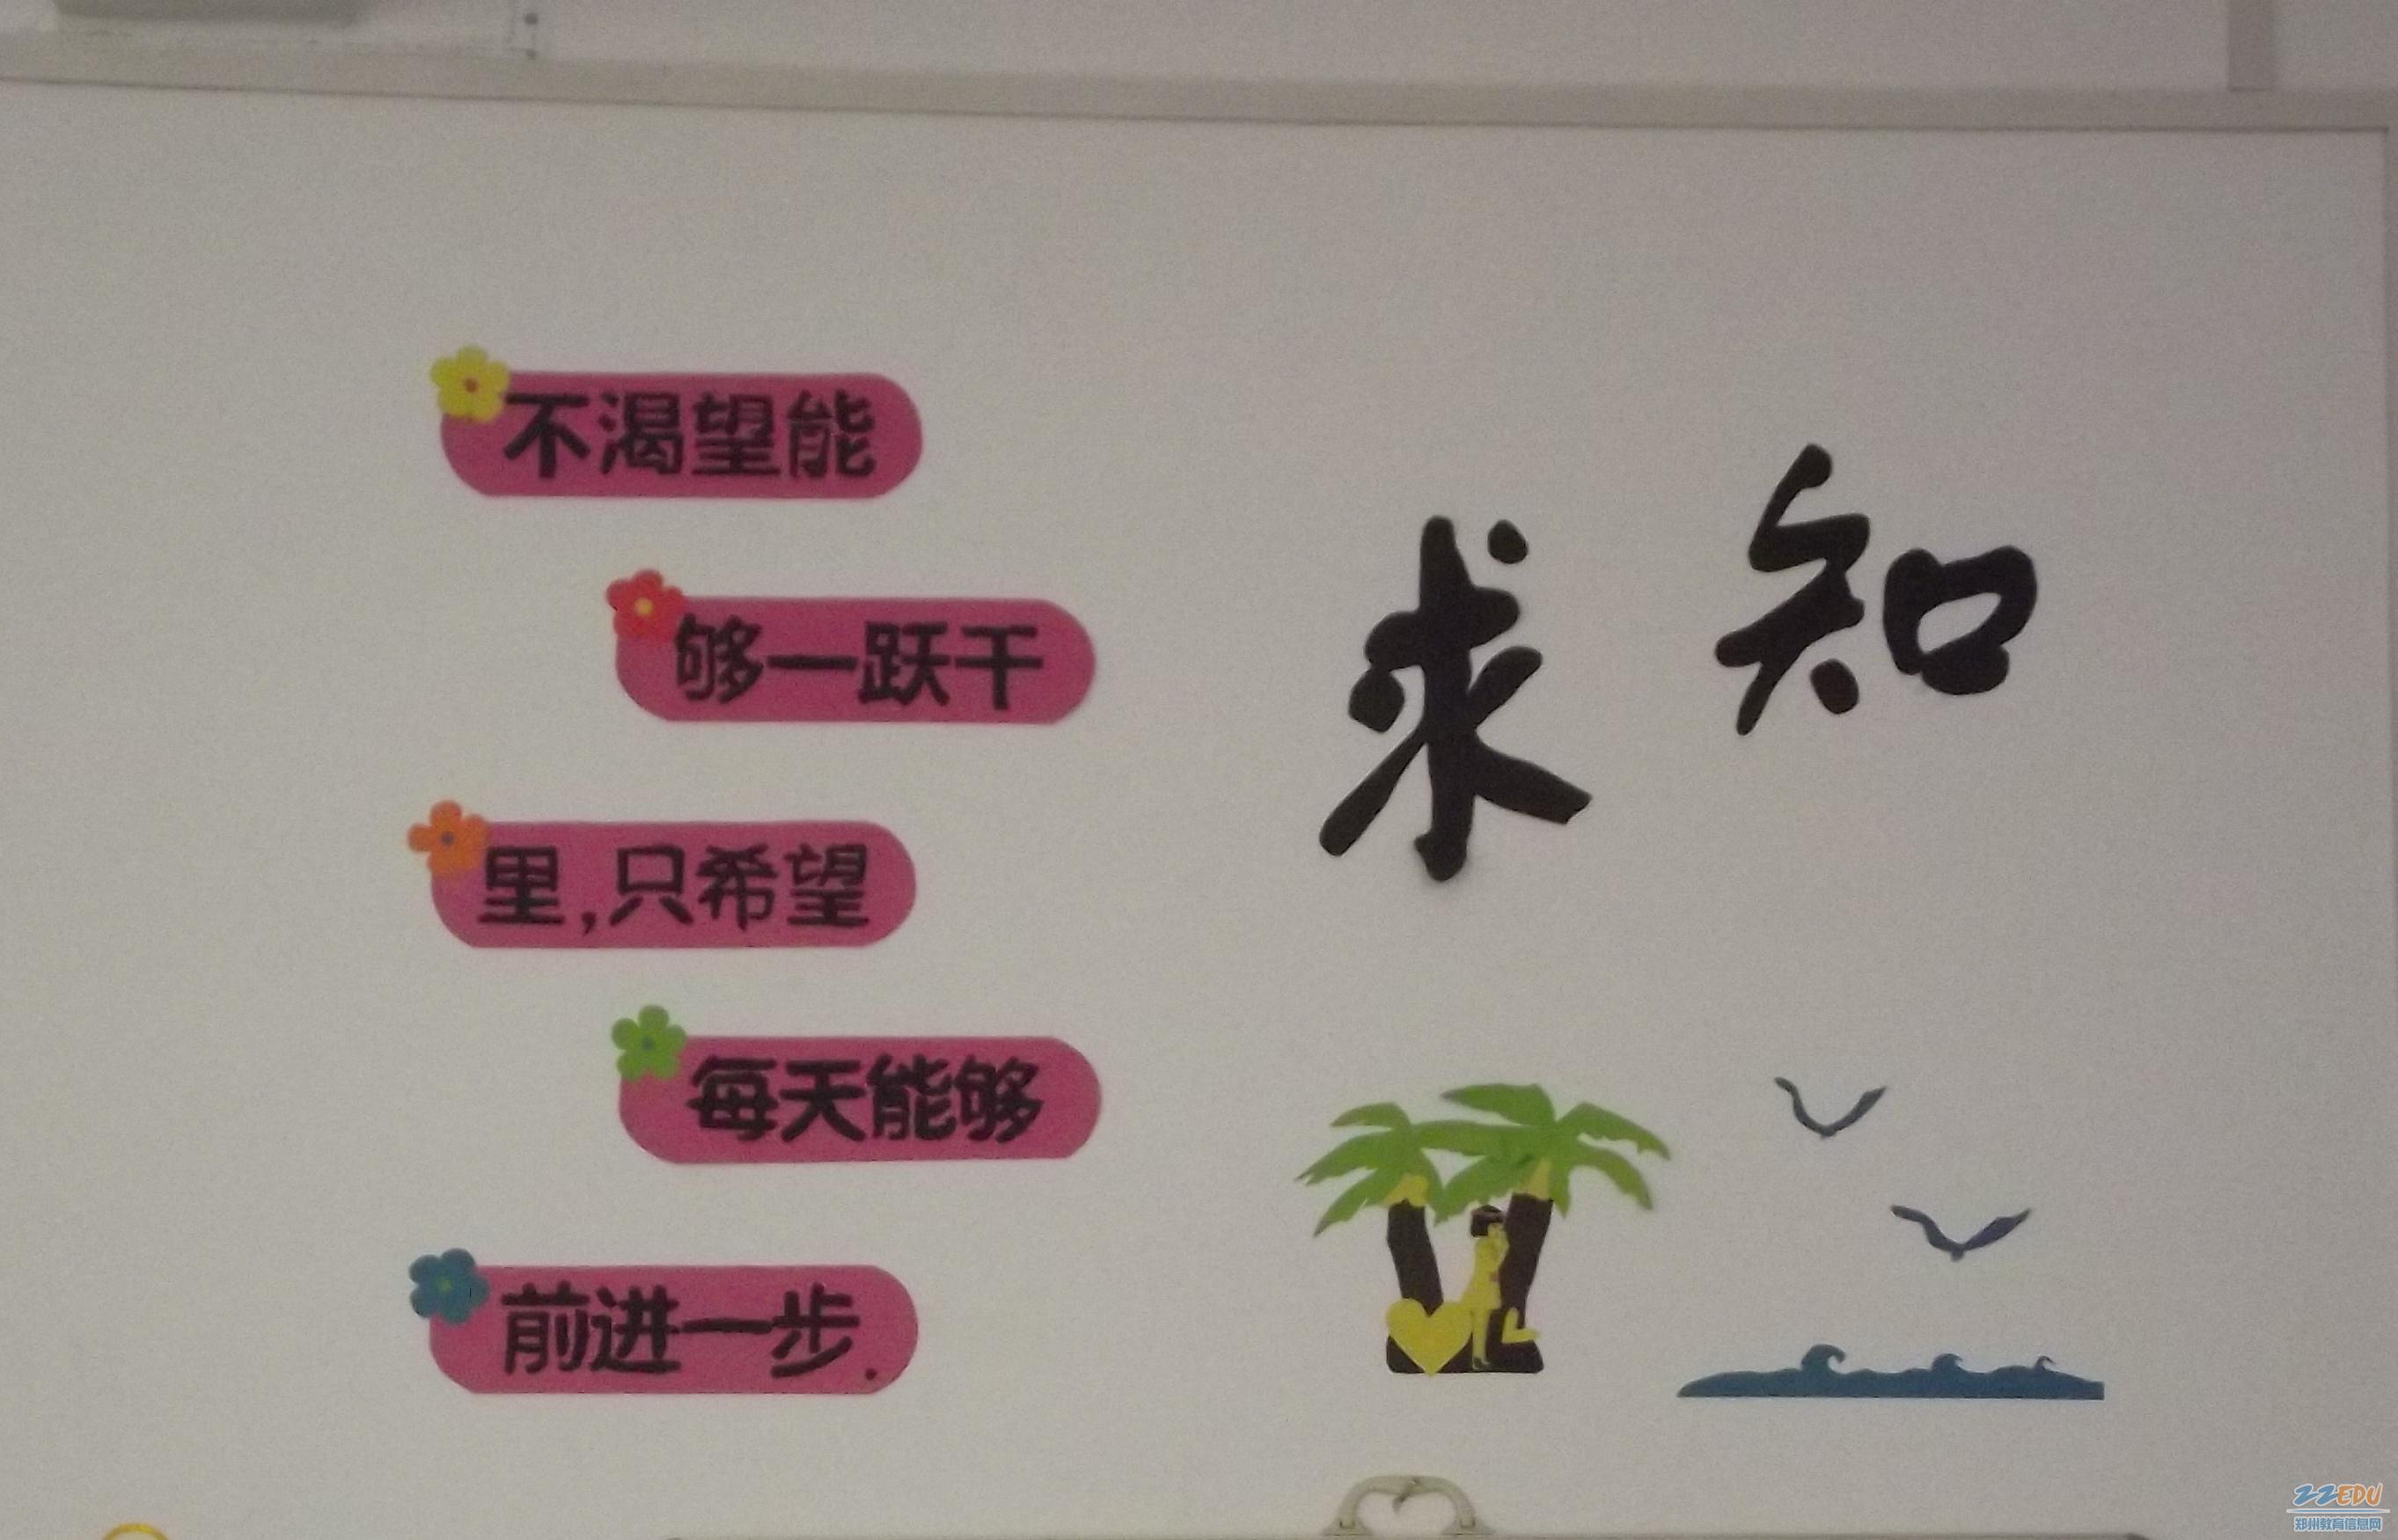 高中班级装饰图片_点力图库图片